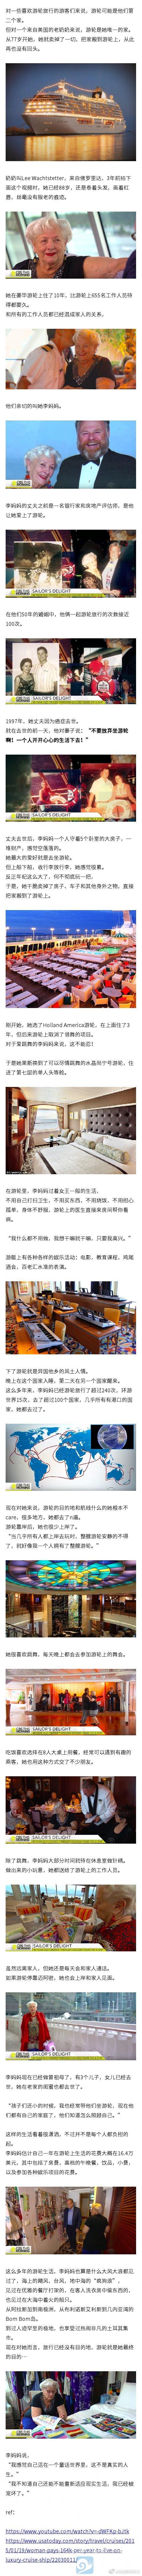 任性老太将游轮当养老院,变卖千万资产环游世界10年 liuliushe.net六六社 第2张